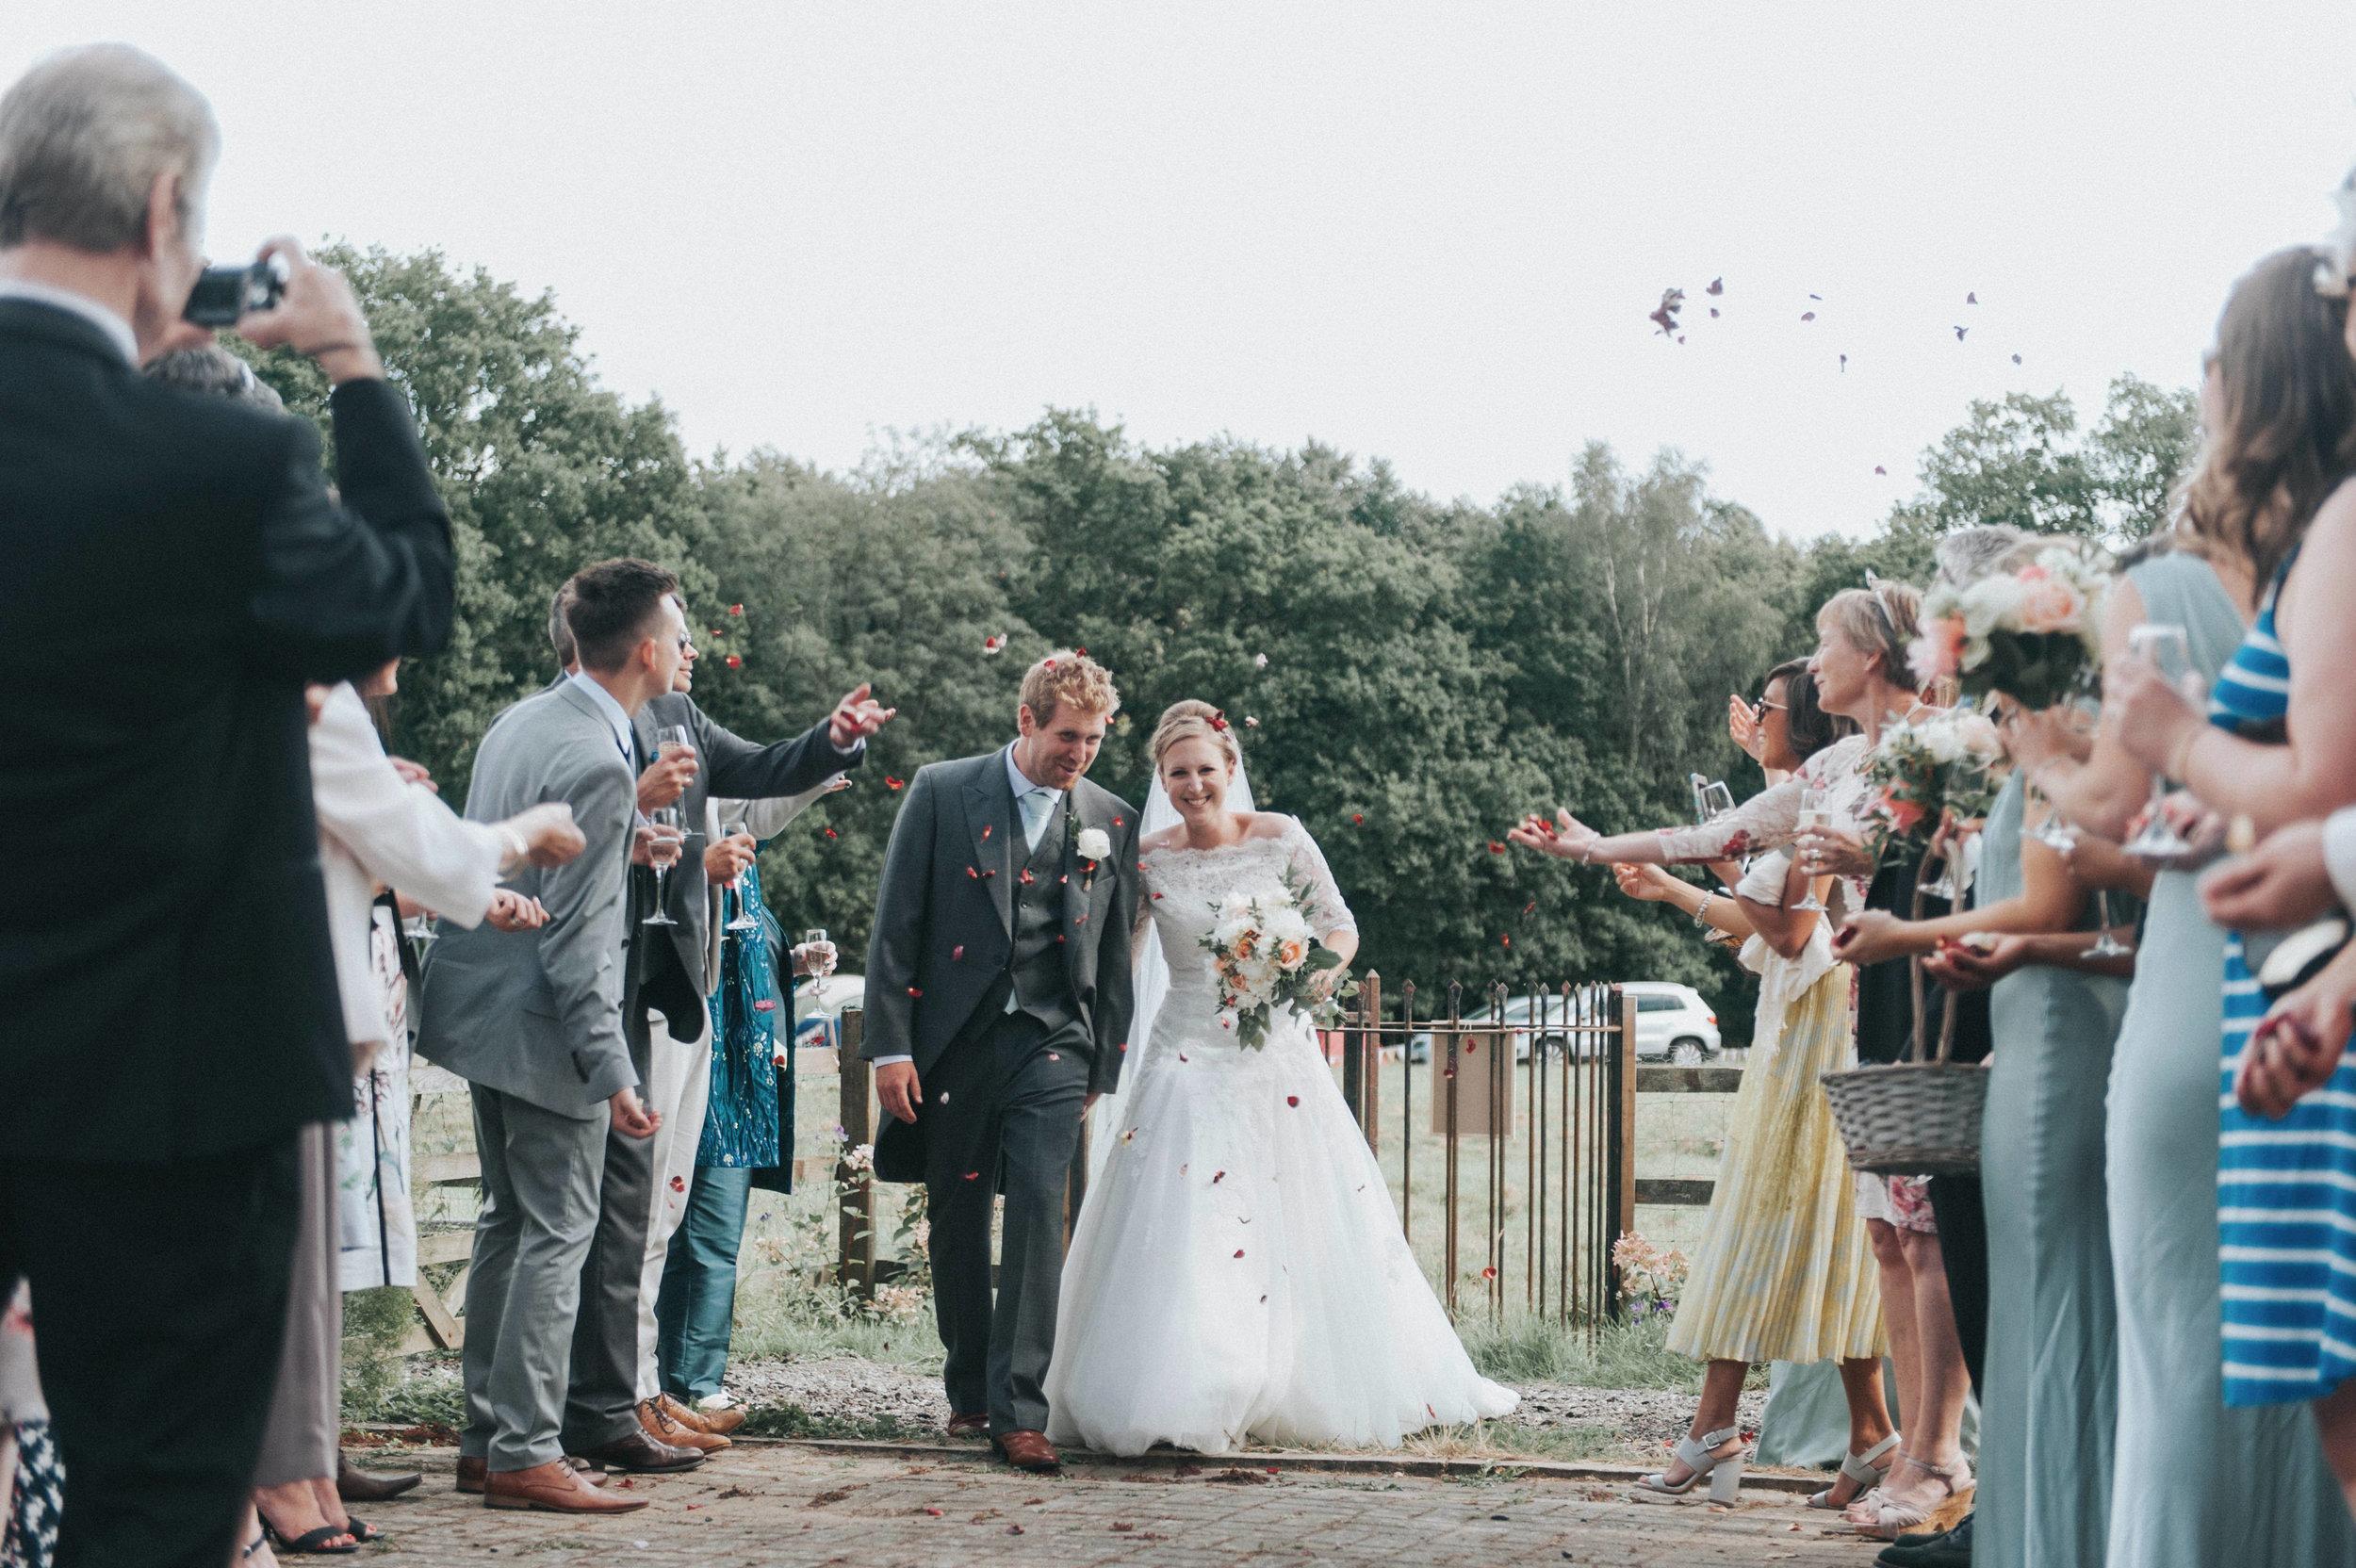 festival-farm-wedding-092.jpg